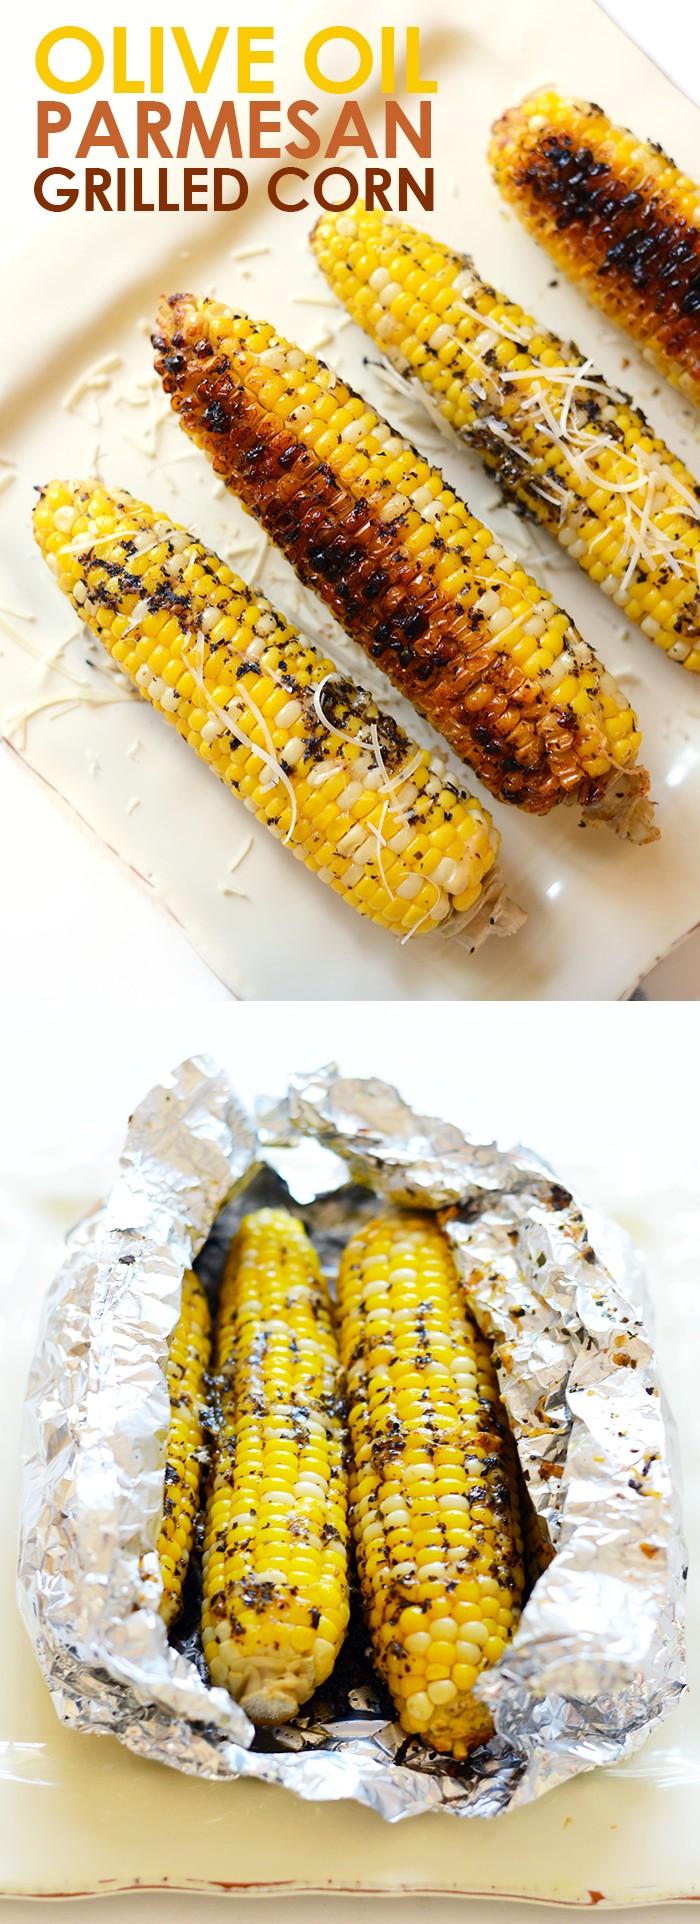 olive-oil-parmesan-grilled-corn-collage1.jpg